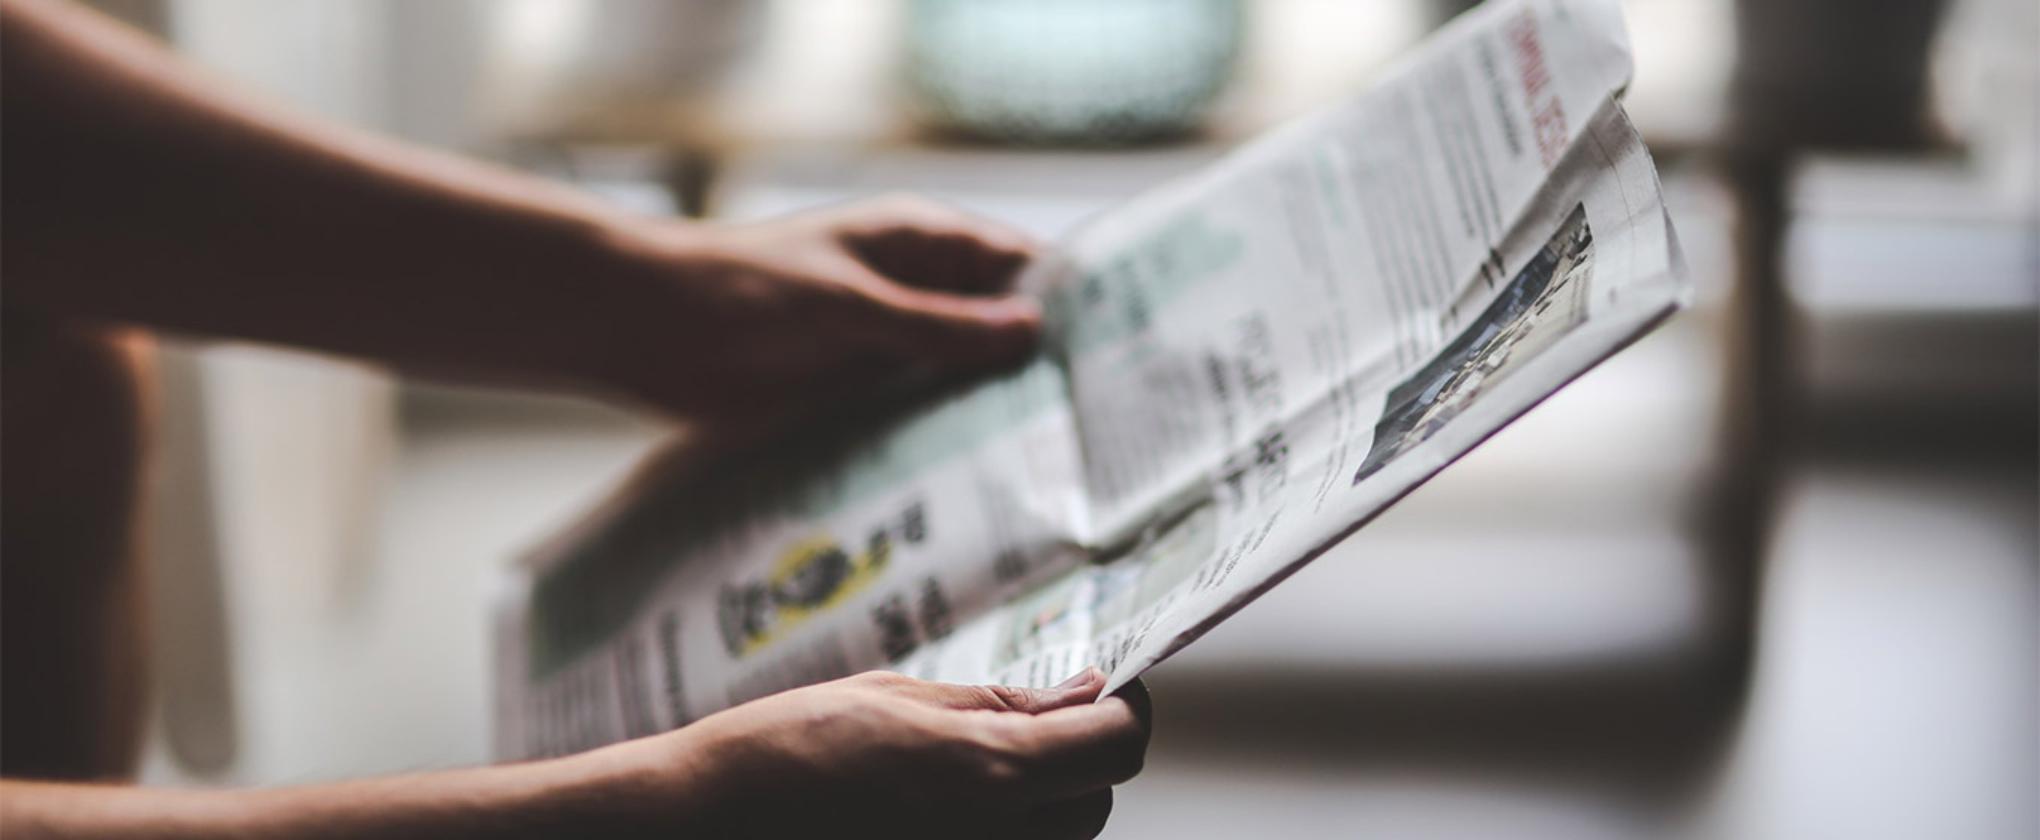 Small Business PR: How to Do PR on a Budget